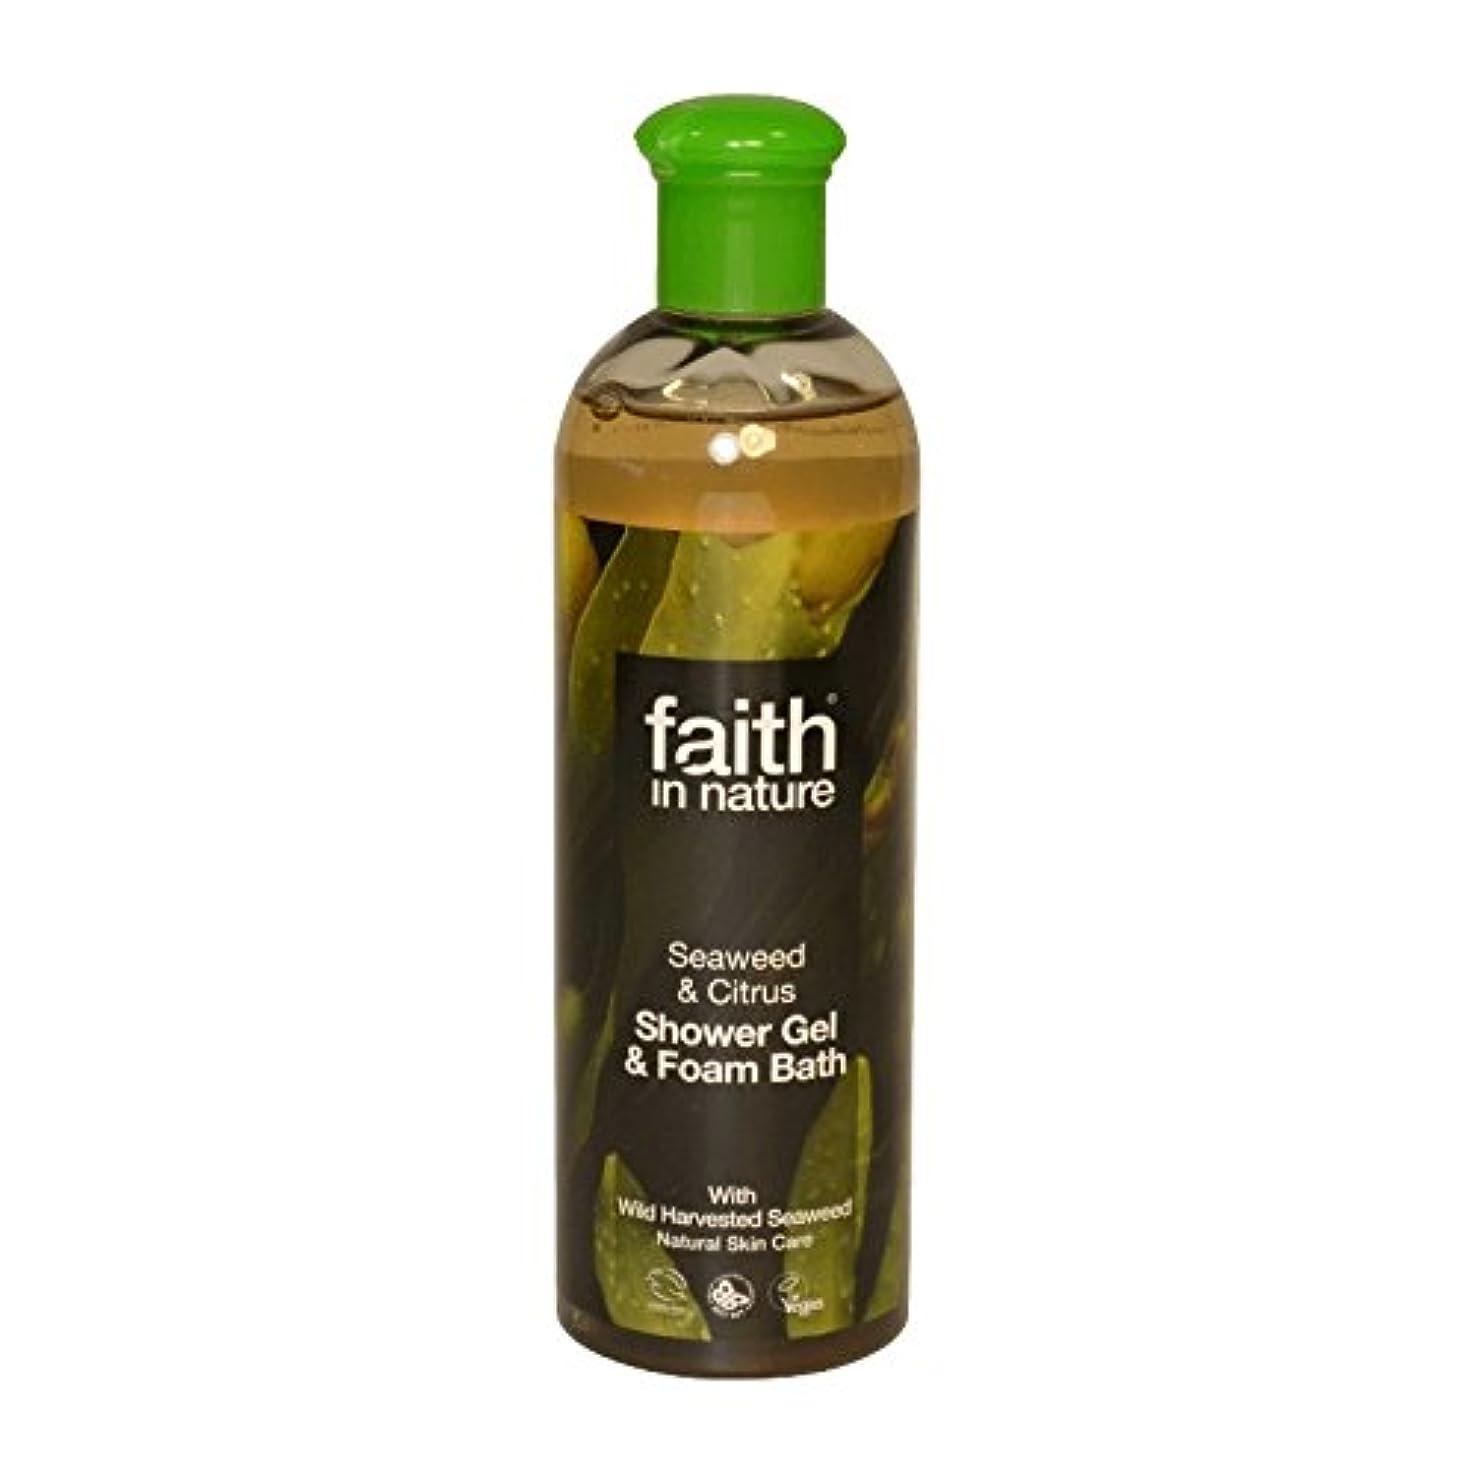 韓国語失う超高層ビル自然の海藻&シトラスシャワージェル&バス泡400ミリリットルの信仰 - Faith in Nature Seaweed & Citrus Shower Gel & Bath Foam 400ml (Faith in Nature...